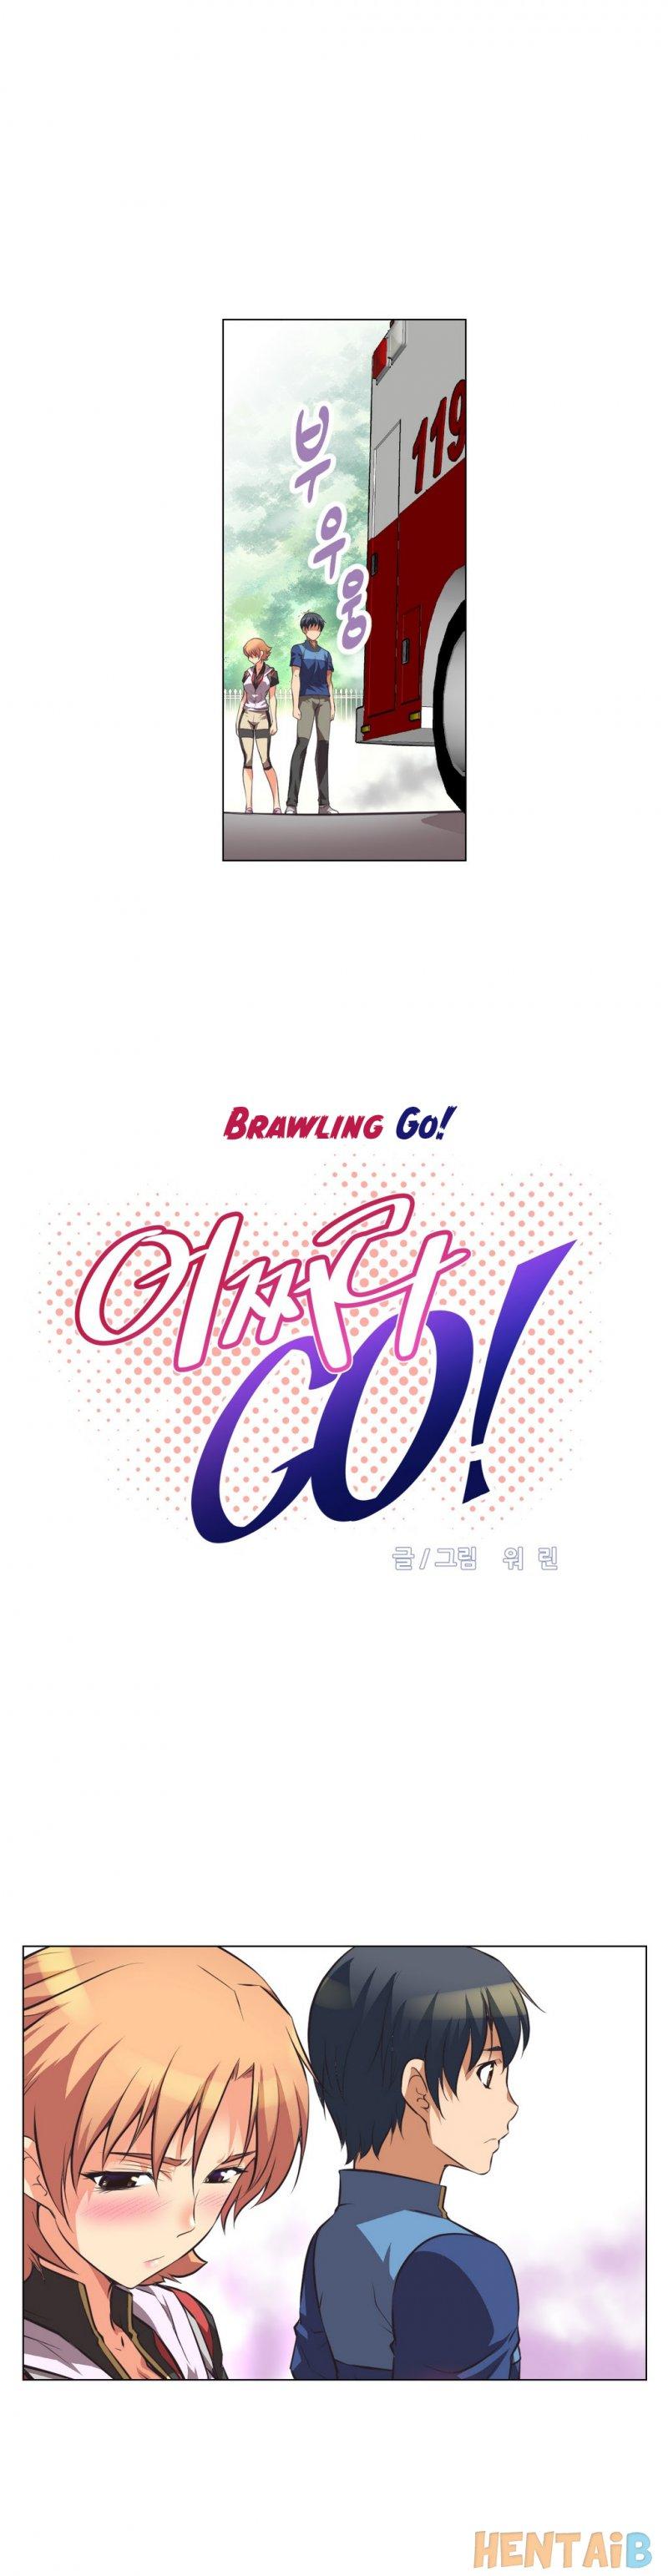 Brawling Go! #03